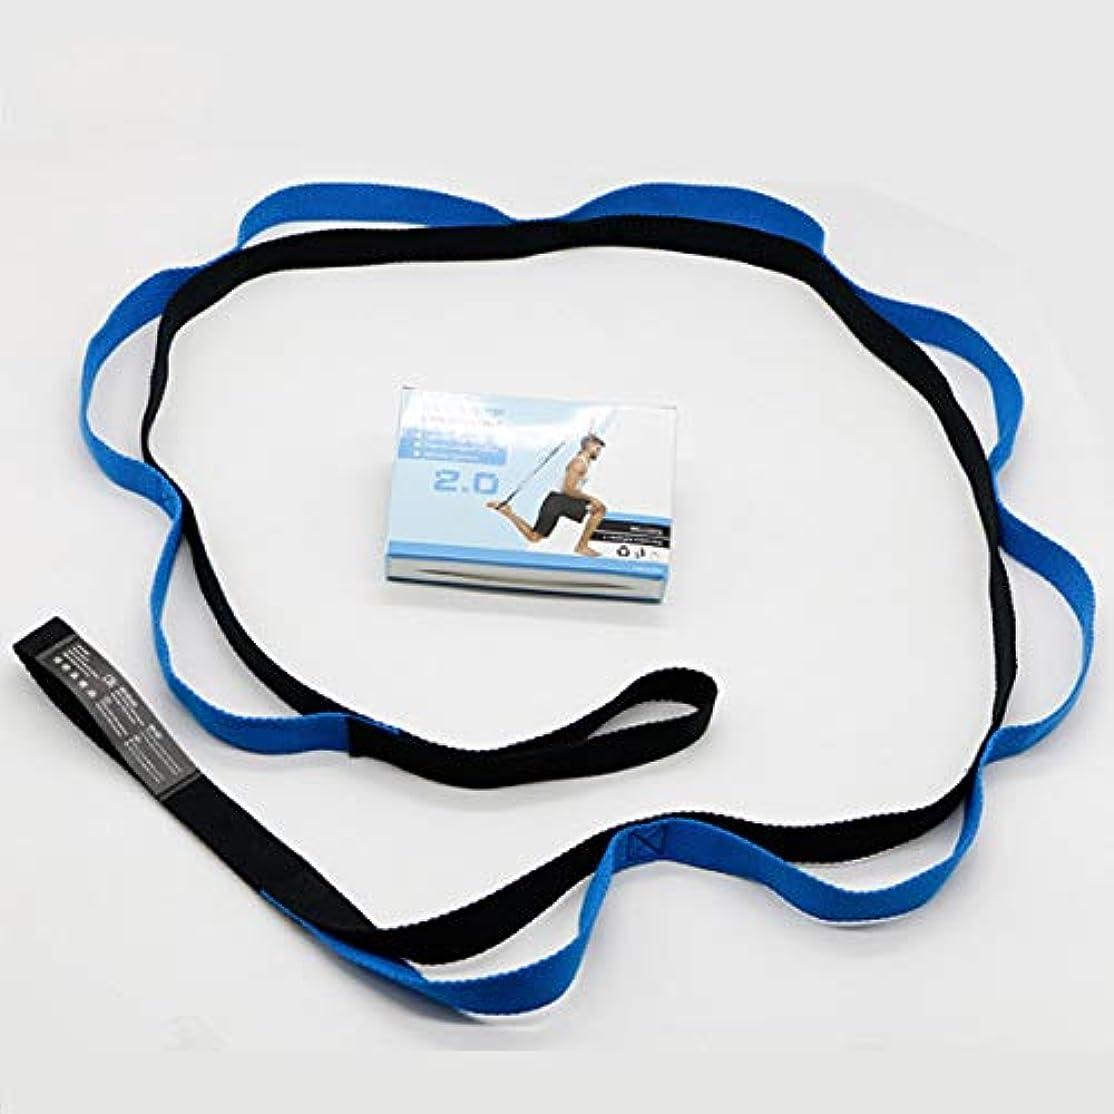 イソギンチャクスカート置くためにパックフィットネスエクササイズジムヨガストレッチアウトストラップ弾性ベルトウエストレッグアームエクステンションストラップベルトスポーツユニセックストレーニングベルトバンド - ブルー&ブラック